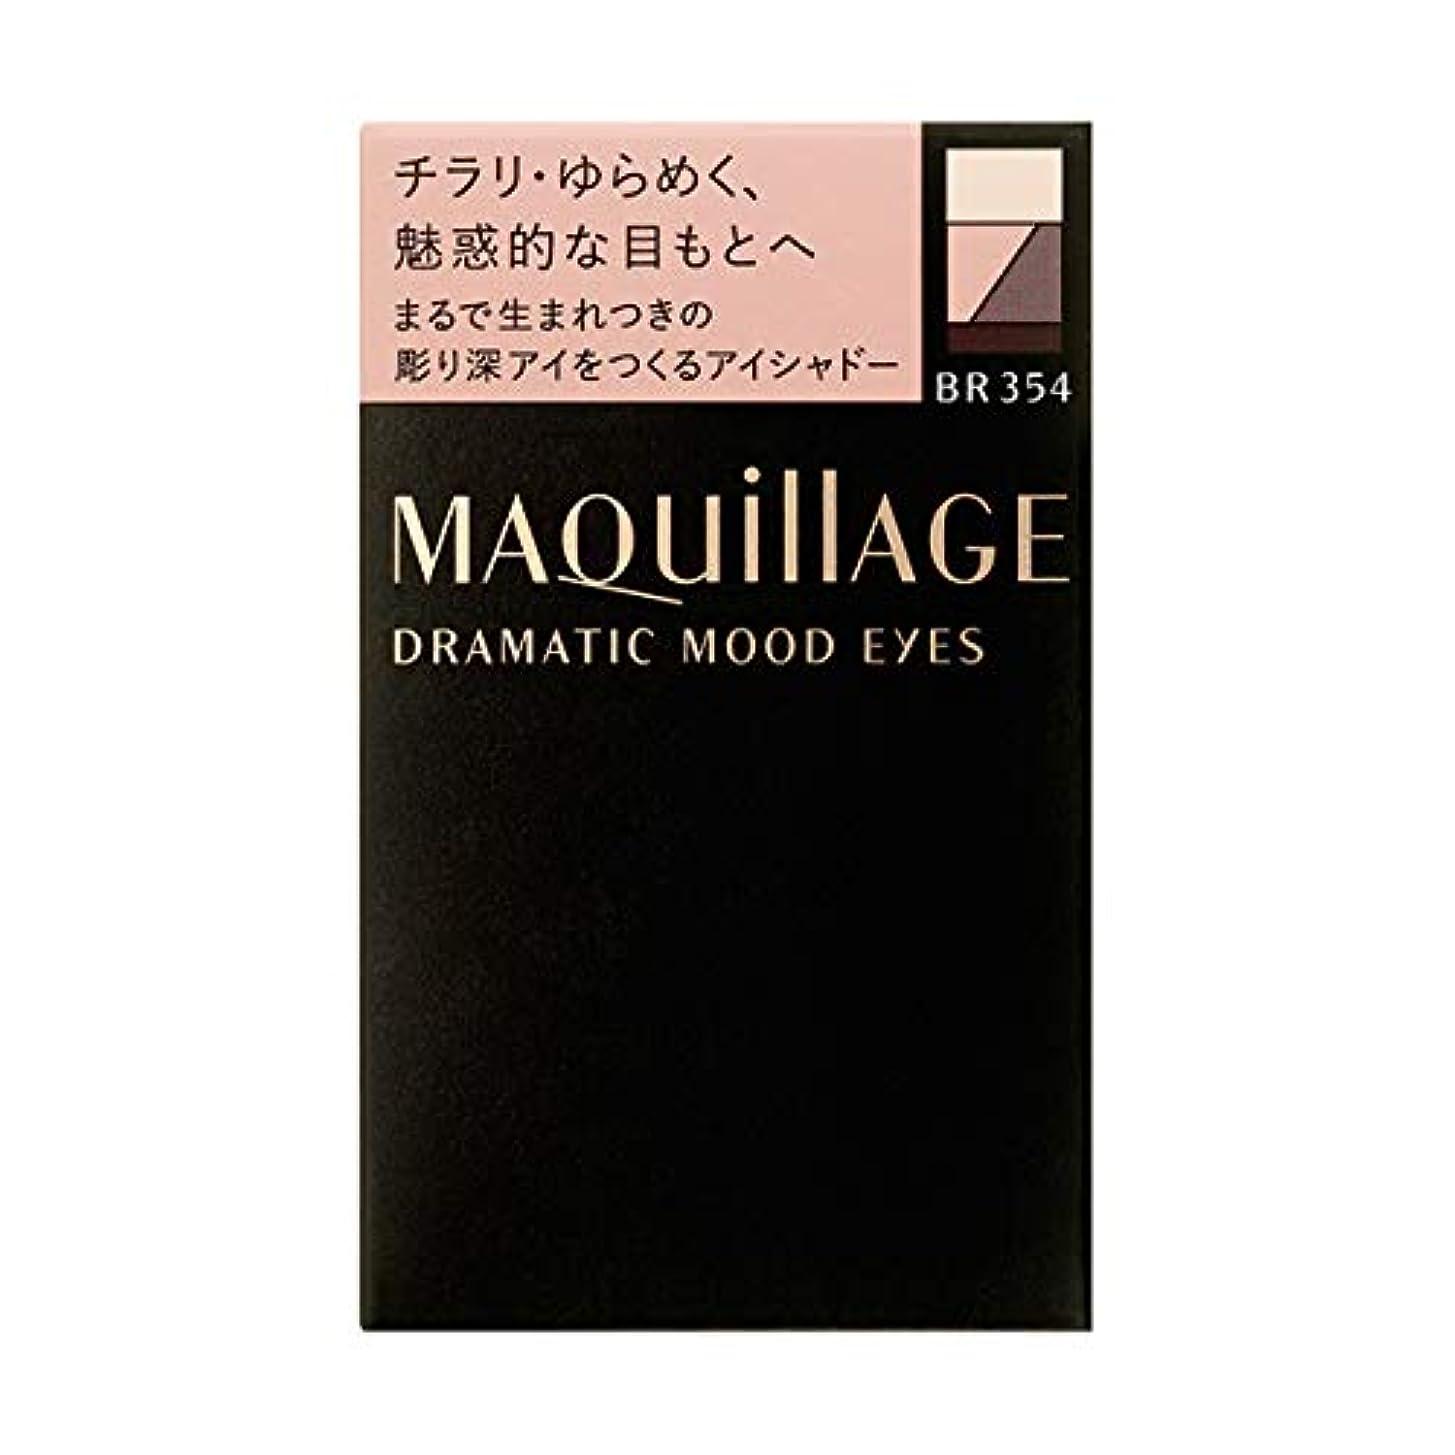 マキアージュ ドラマティックムードアイズ BR354 3g